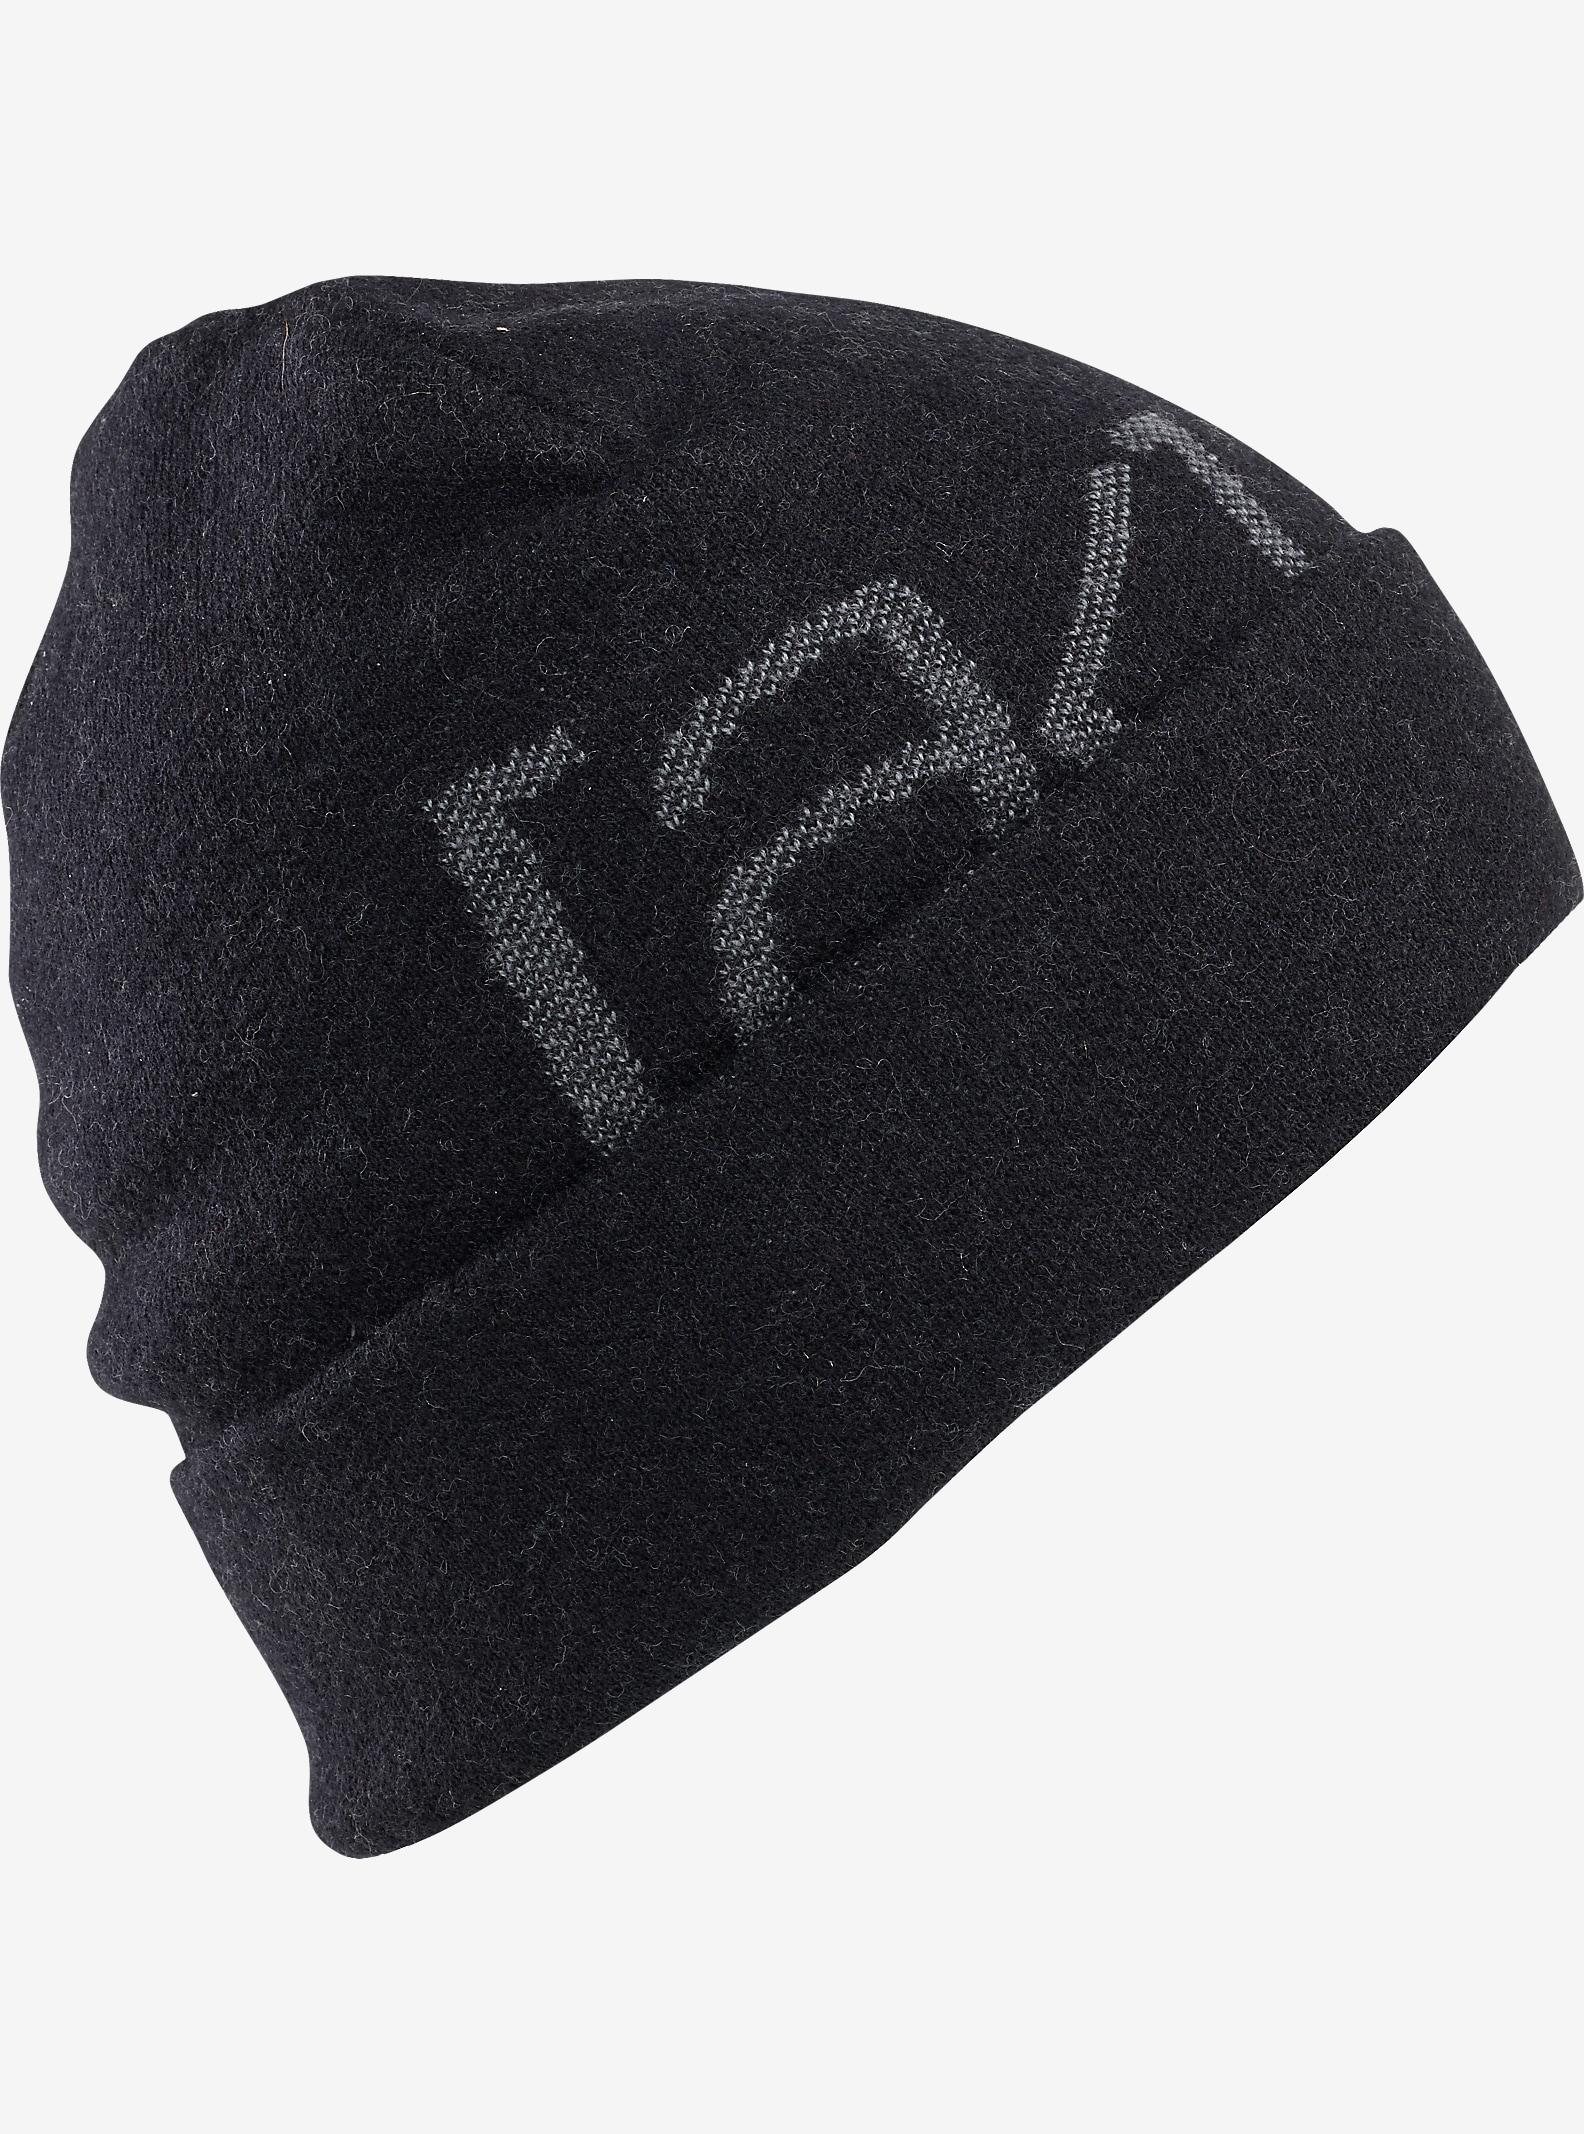 Burton [ak] Stagger Mütze angezeigt in True Black